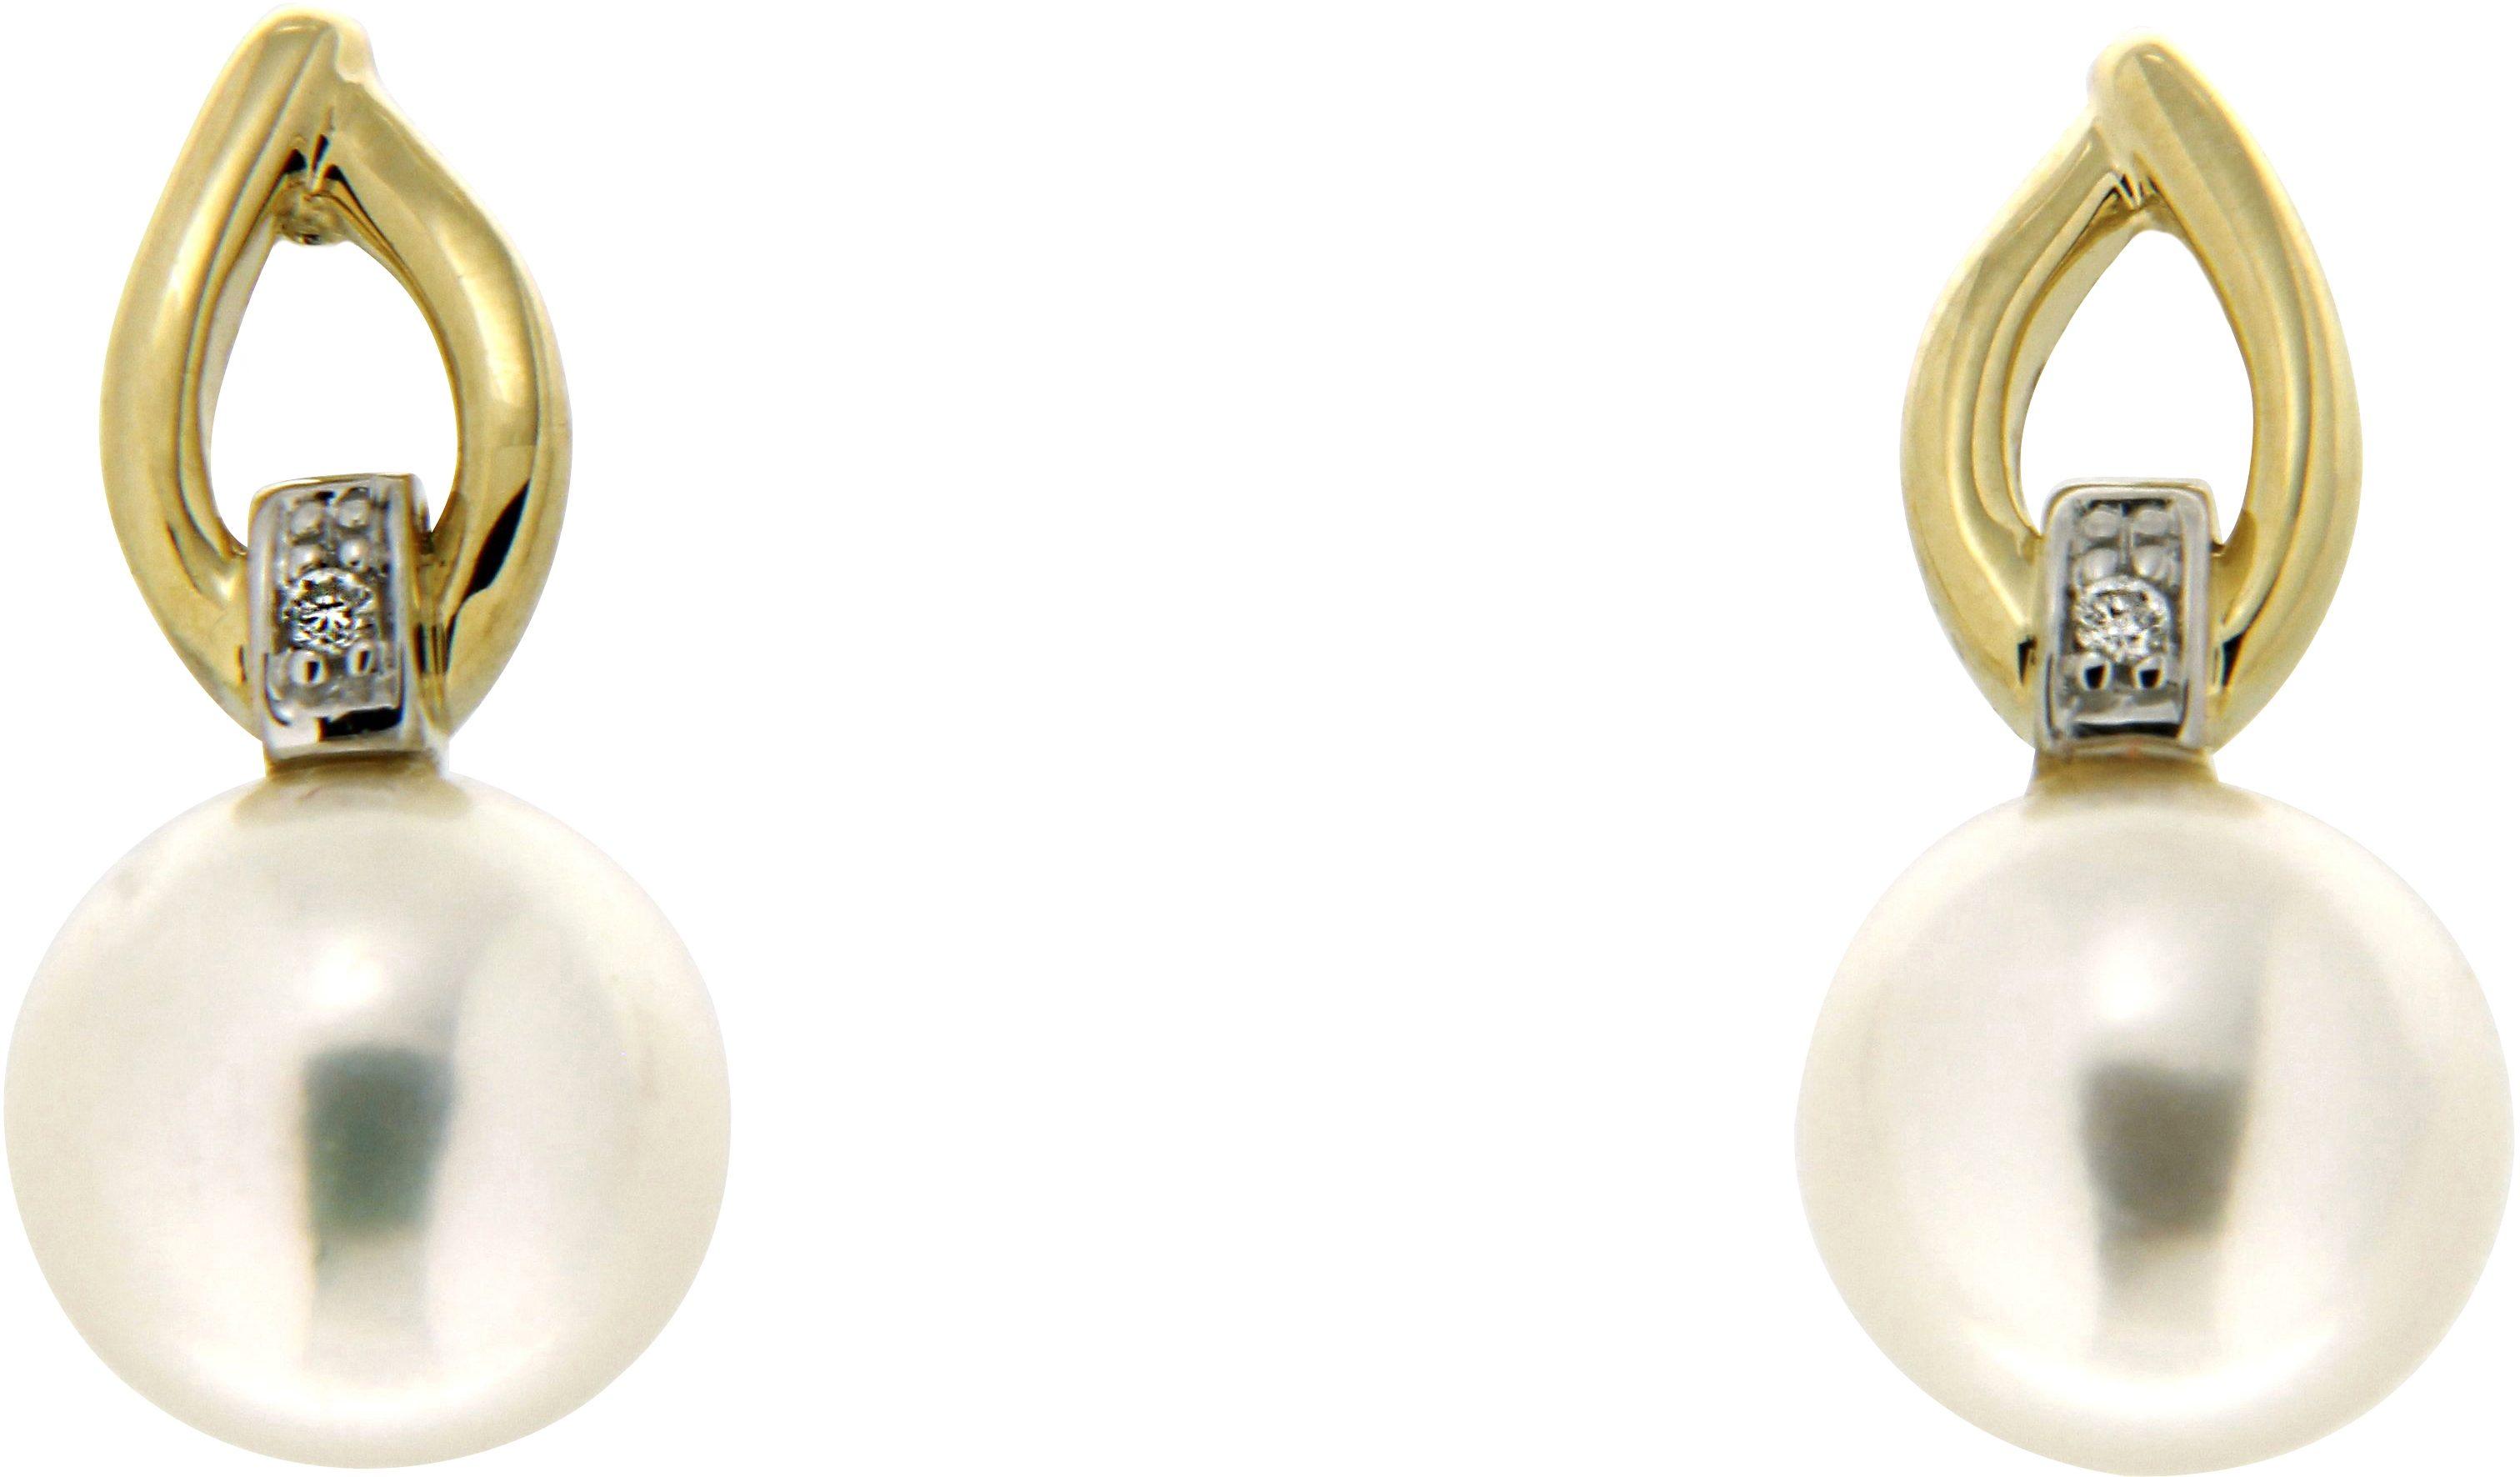 Vivance Jewels Paar Ohrstecker mit Süßwasserzuchtperlen und Brillanten